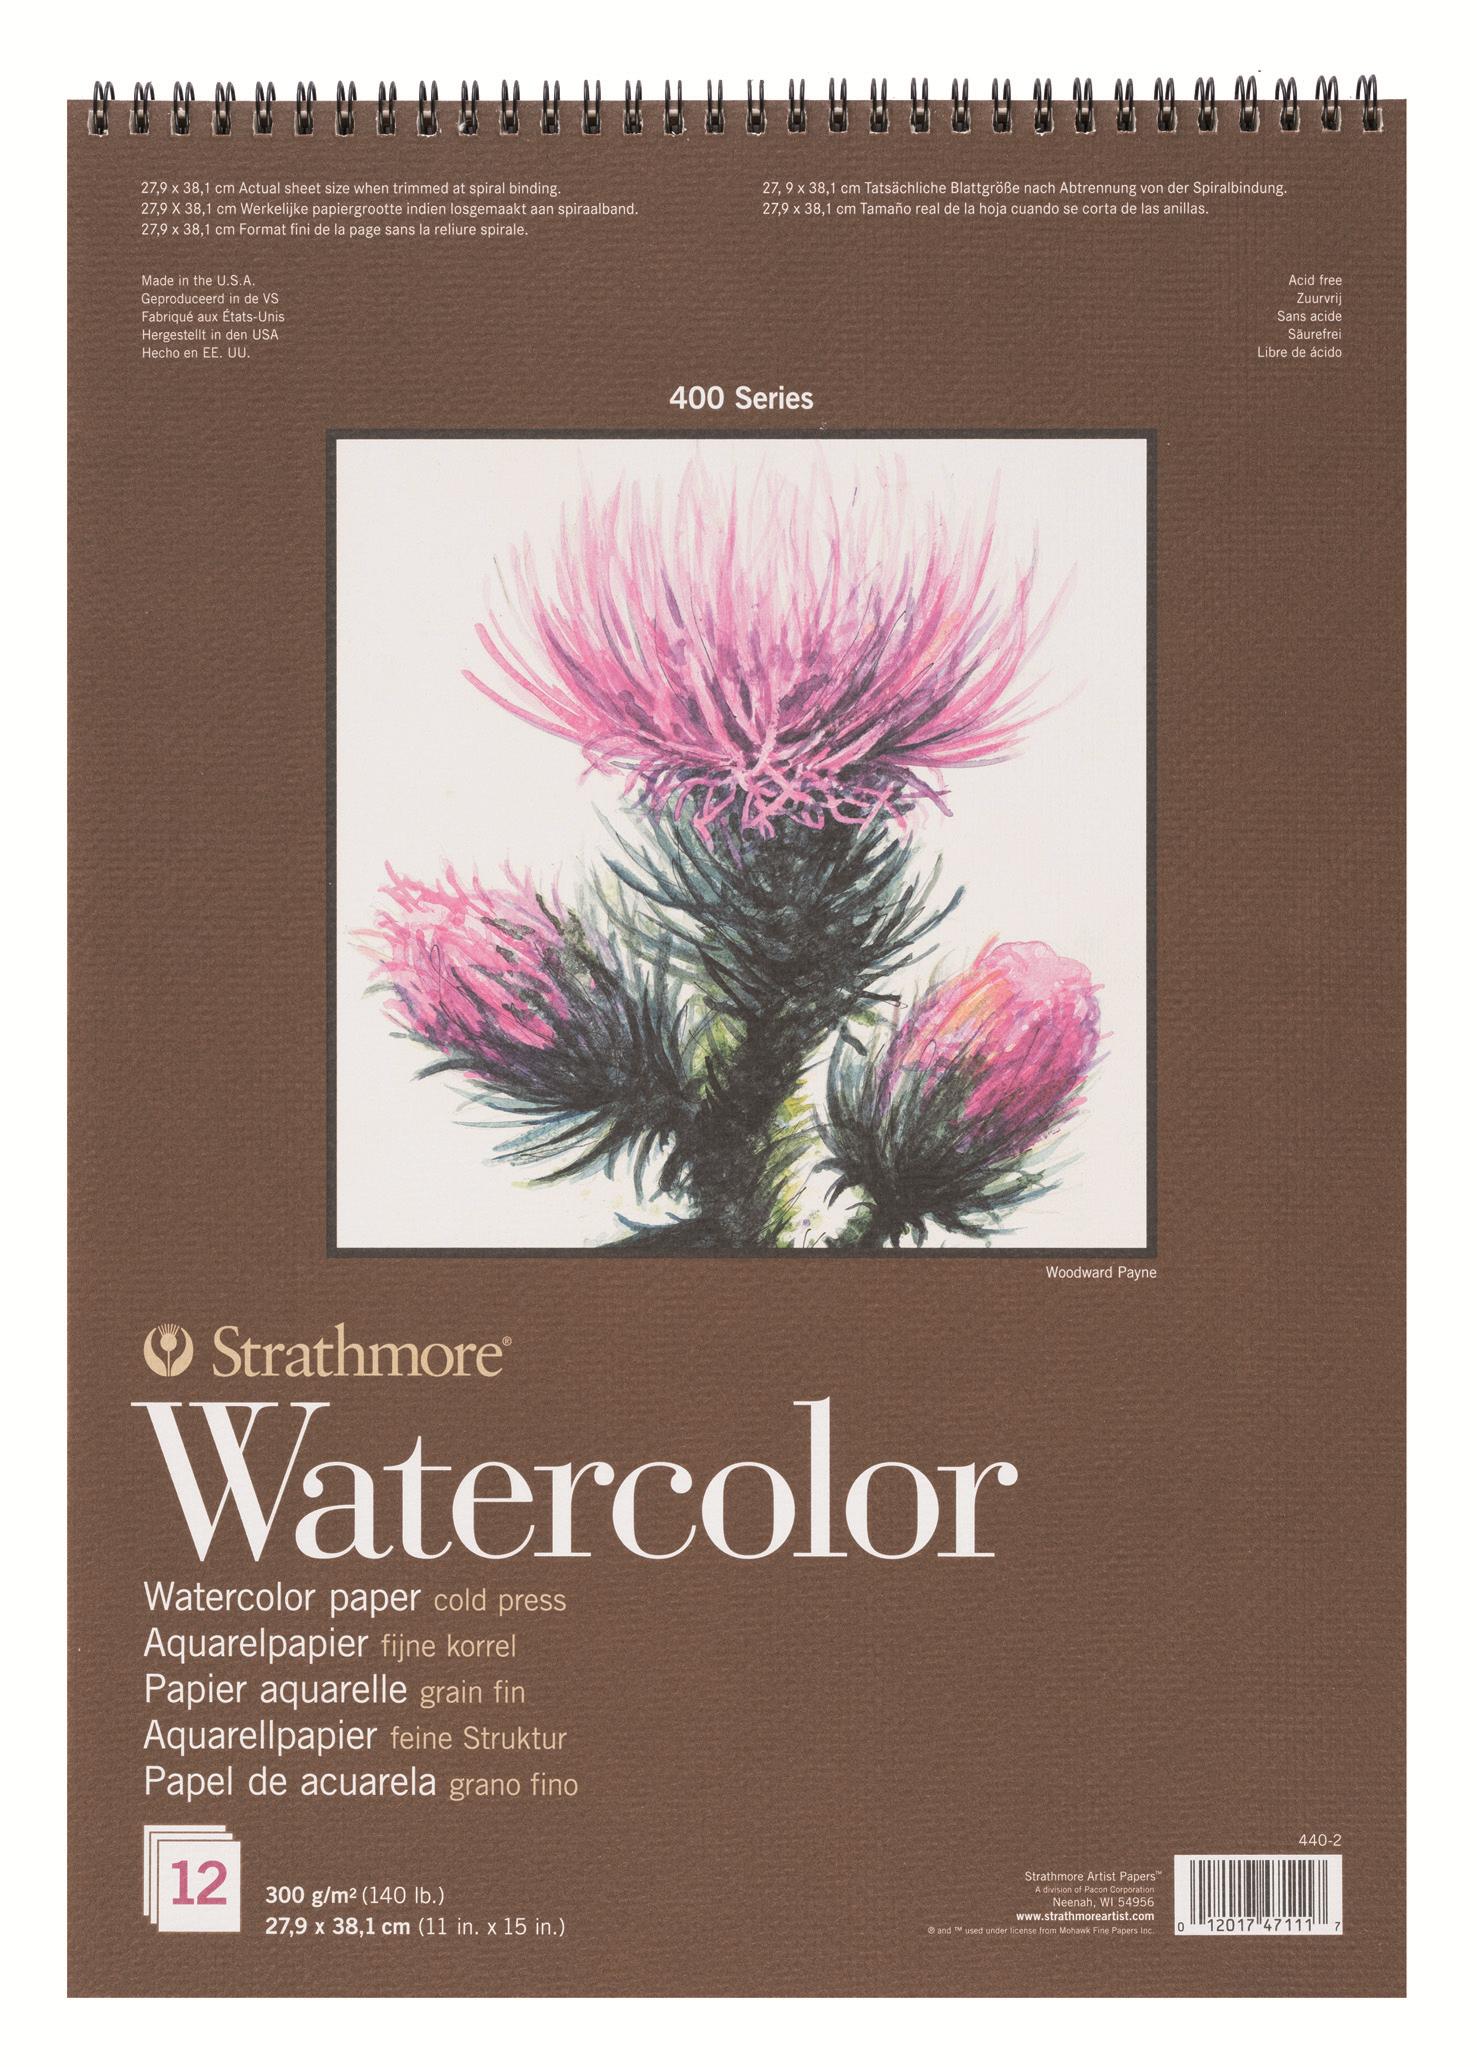 Strathmore Альбом для акварели 400 Series 12 листов формат A3 -  Бумага и картон